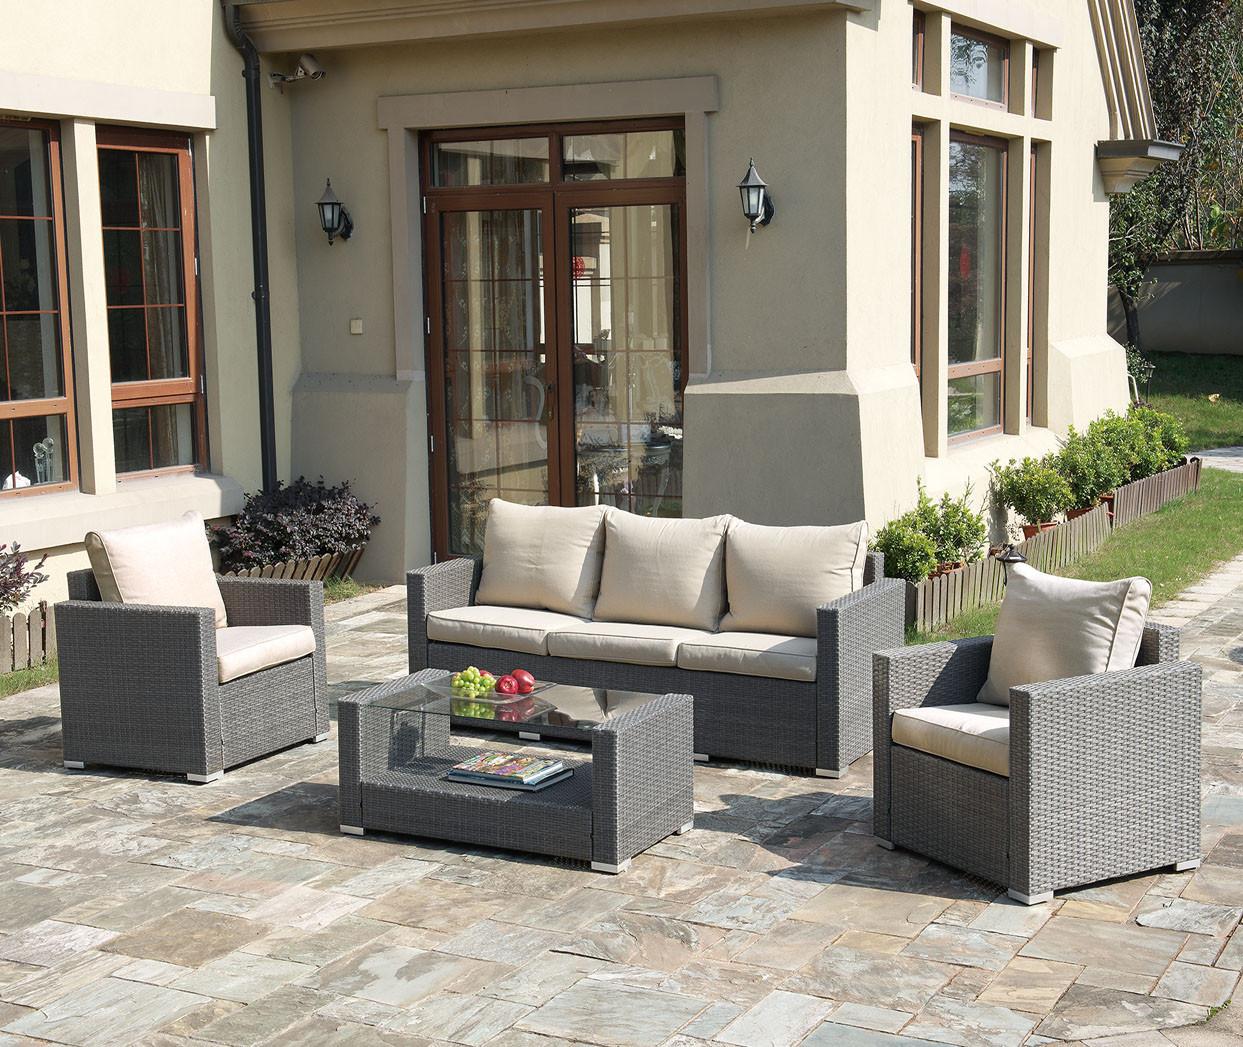 Lizkona Poundex P50246 Outdoor Patio 4 Pcs Sofa Set